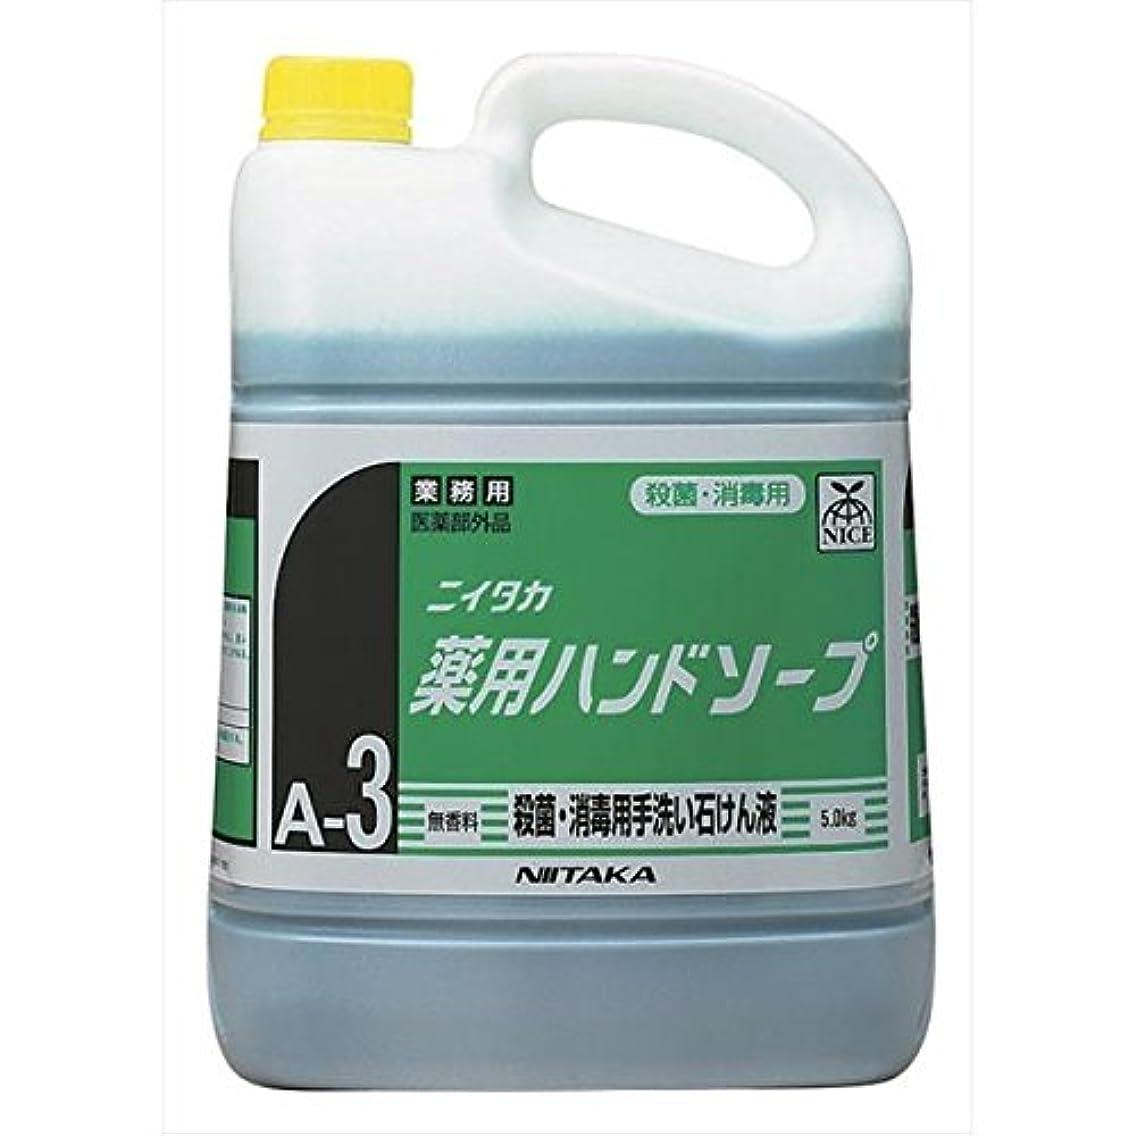 ペイン災害適度なニイタカ:薬用ハンドソープ(A-3) 5kg×3 250140